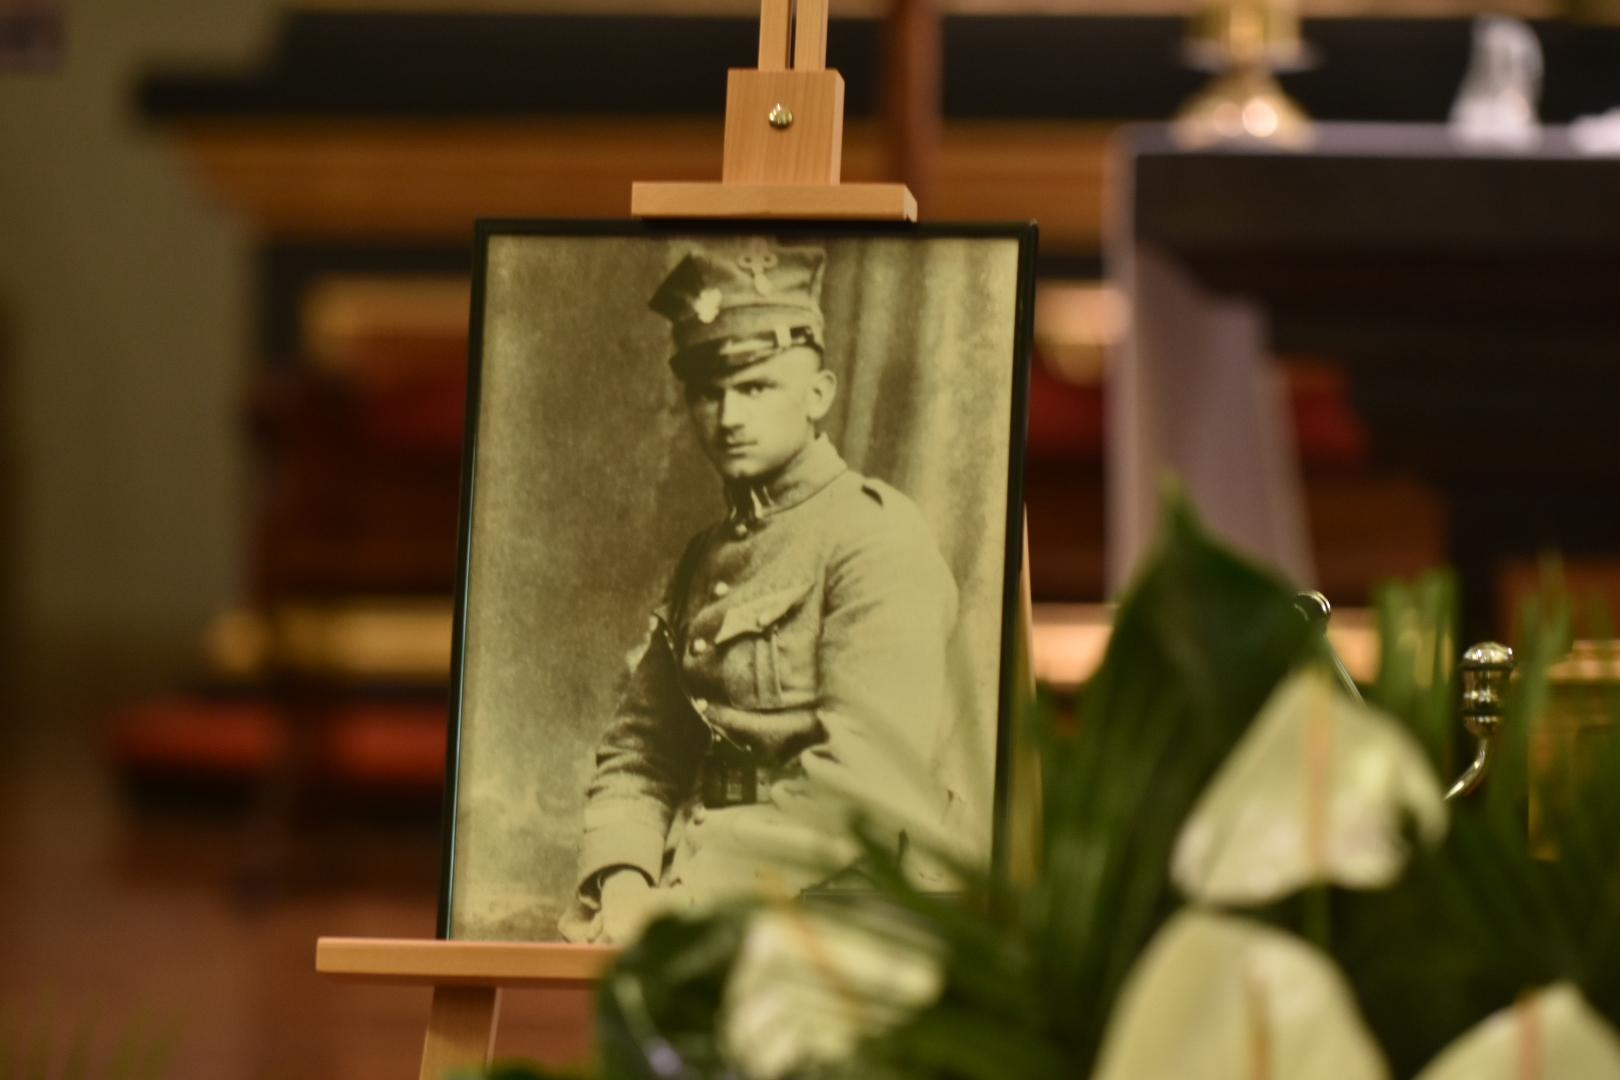 Uroczysty pochówek prochów pułkownika Wincentego Wierzejewskiego - Wojtek Wardejn